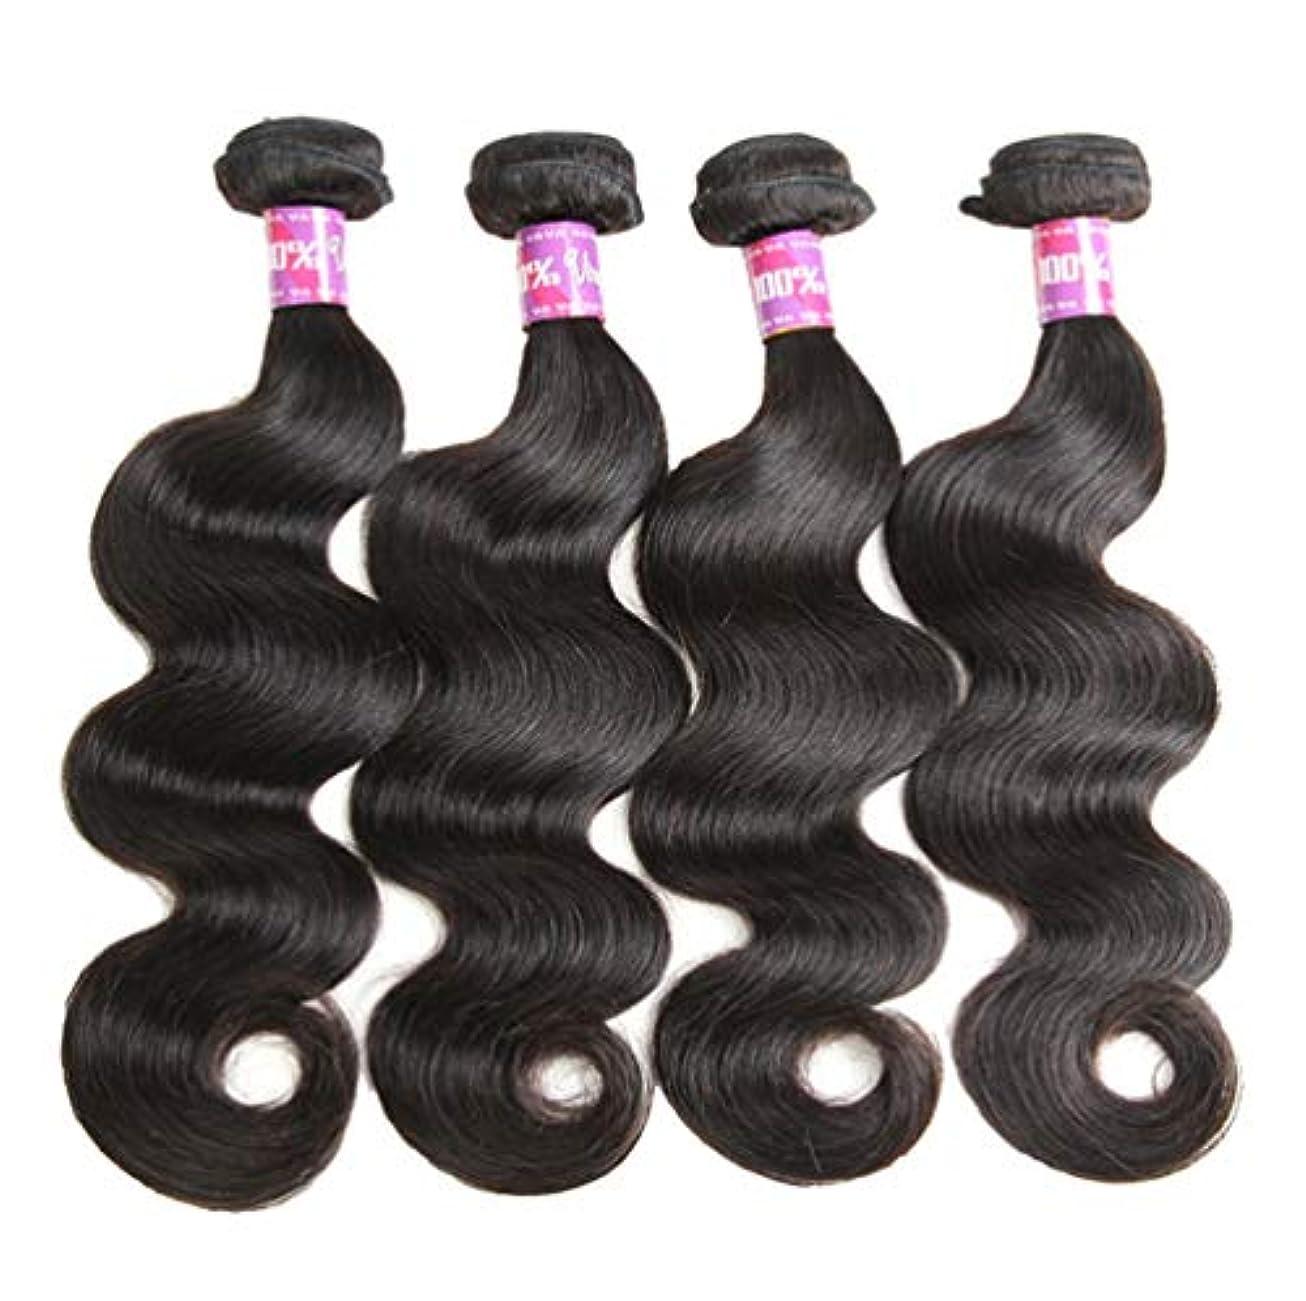 女性10Aブラジル人毛束人毛織り人毛束ブラジルのボディウェーブ束(3束)